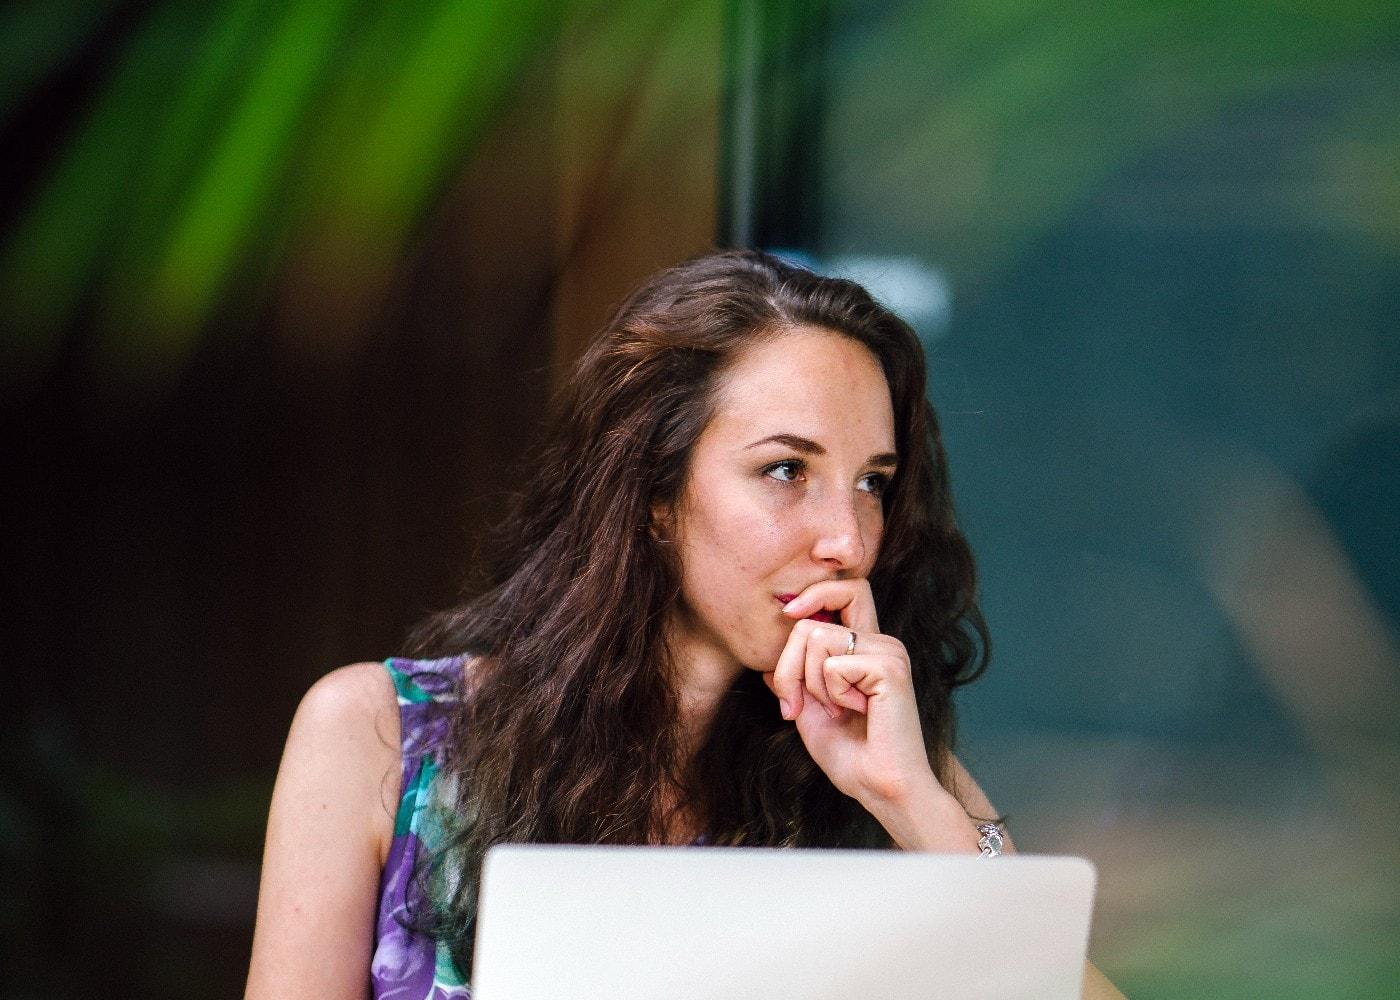 Das echte Interesse der besten Bewerber und Kandidaten wecken für deine Firma und dein Team